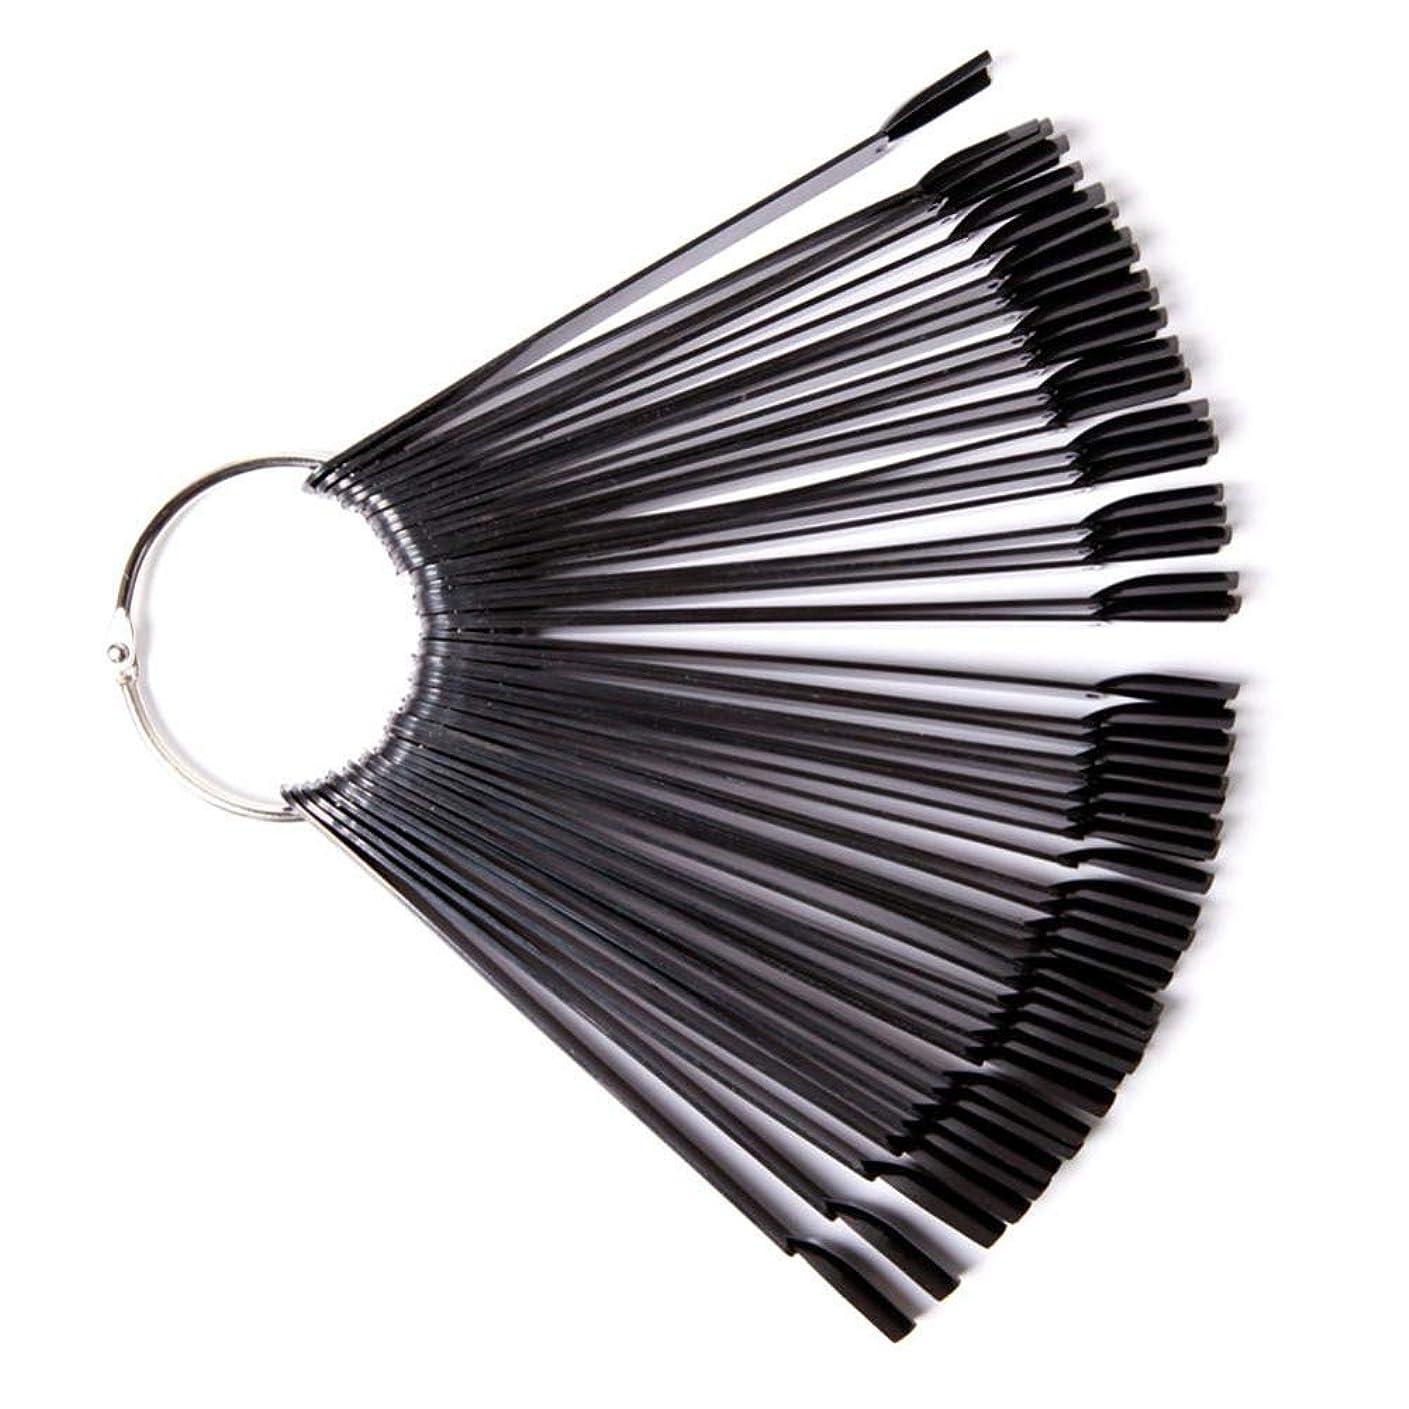 ペインギリック無臭レンダリングネイルアートディスプレイスタンド 50色表示ドスパイラルファン型 ディスプレイスタンドネイルポリッシュディスプレイホルダーマニキュアアクセサリー 50ピース(ブラック)